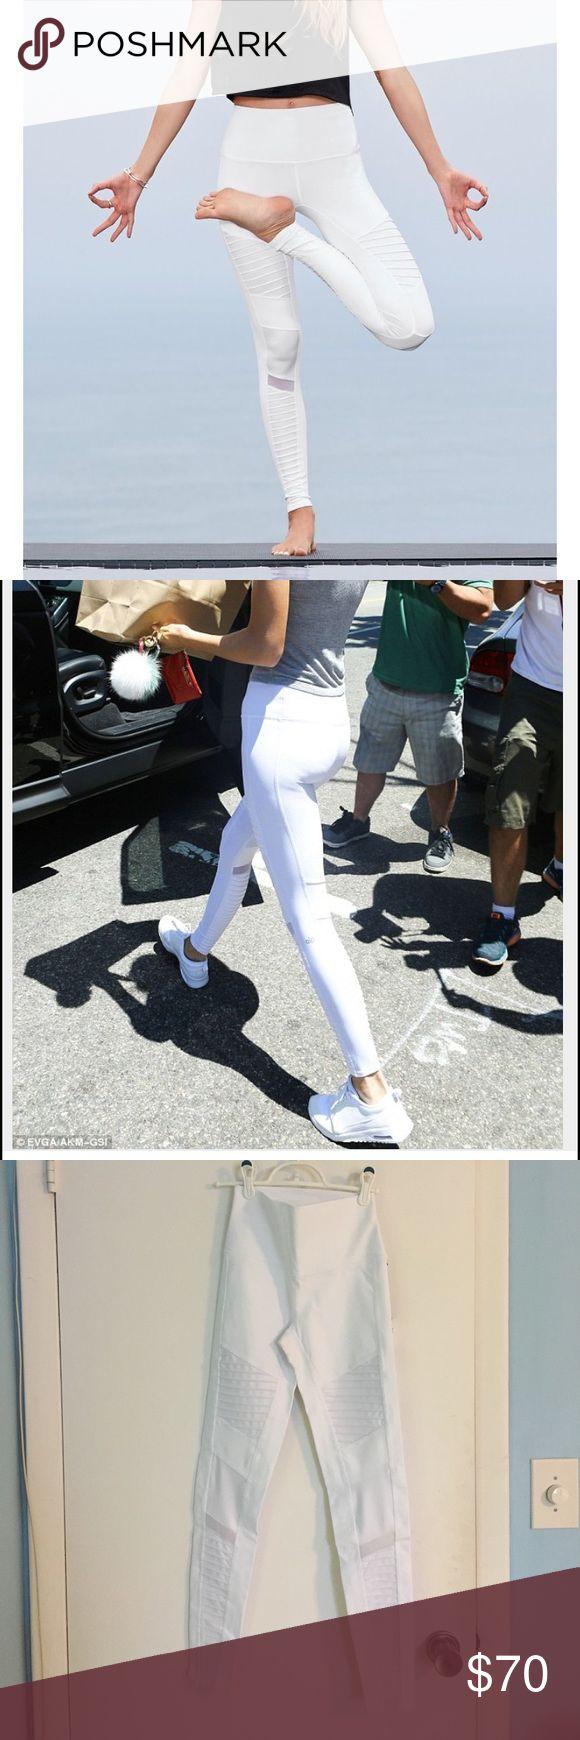 Alo yoga moto leggings High waist white moto legging. NEW WITH TAGS. ALO Yoga Pants Leggings